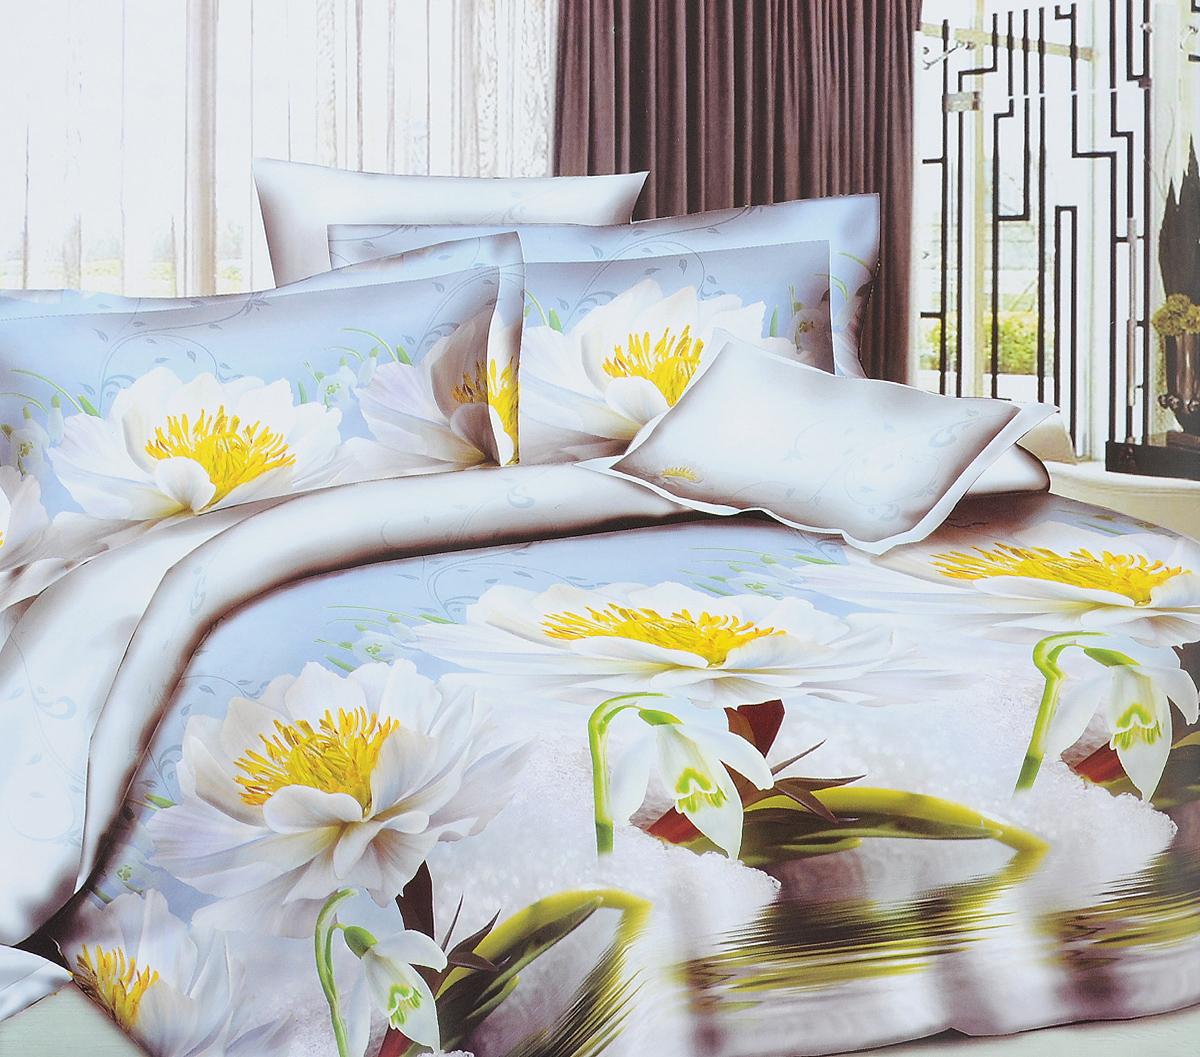 Комплект белья ЭГО Лето, 1,5-спальный, наволочки 70x70255/2/18/CHAR002Комплект постельного белья ЭГО Лето выполнен из полисатина (50% хлопка, 50% полиэстера). Комплект состоит из пододеяльника, простыни и двух наволочек. Постельное белье, оформленное цветочным принтом, имеет изысканный внешний вид и яркую цветовую гамму. Наволочки застегиваются на клапаны.Гладкая структура делает ткань приятной на ощупь, мягкой и нежной, при этом она прочная и хорошо сохраняет форму. Ткань легко гладится, не линяет и не садится.Благодаря такому комплекту постельного белья вы сможете создать атмосферу роскоши и романтики в вашей спальне. Советы по выбору постельного белья от блогера Ирины Соковых. Статья OZON Гид